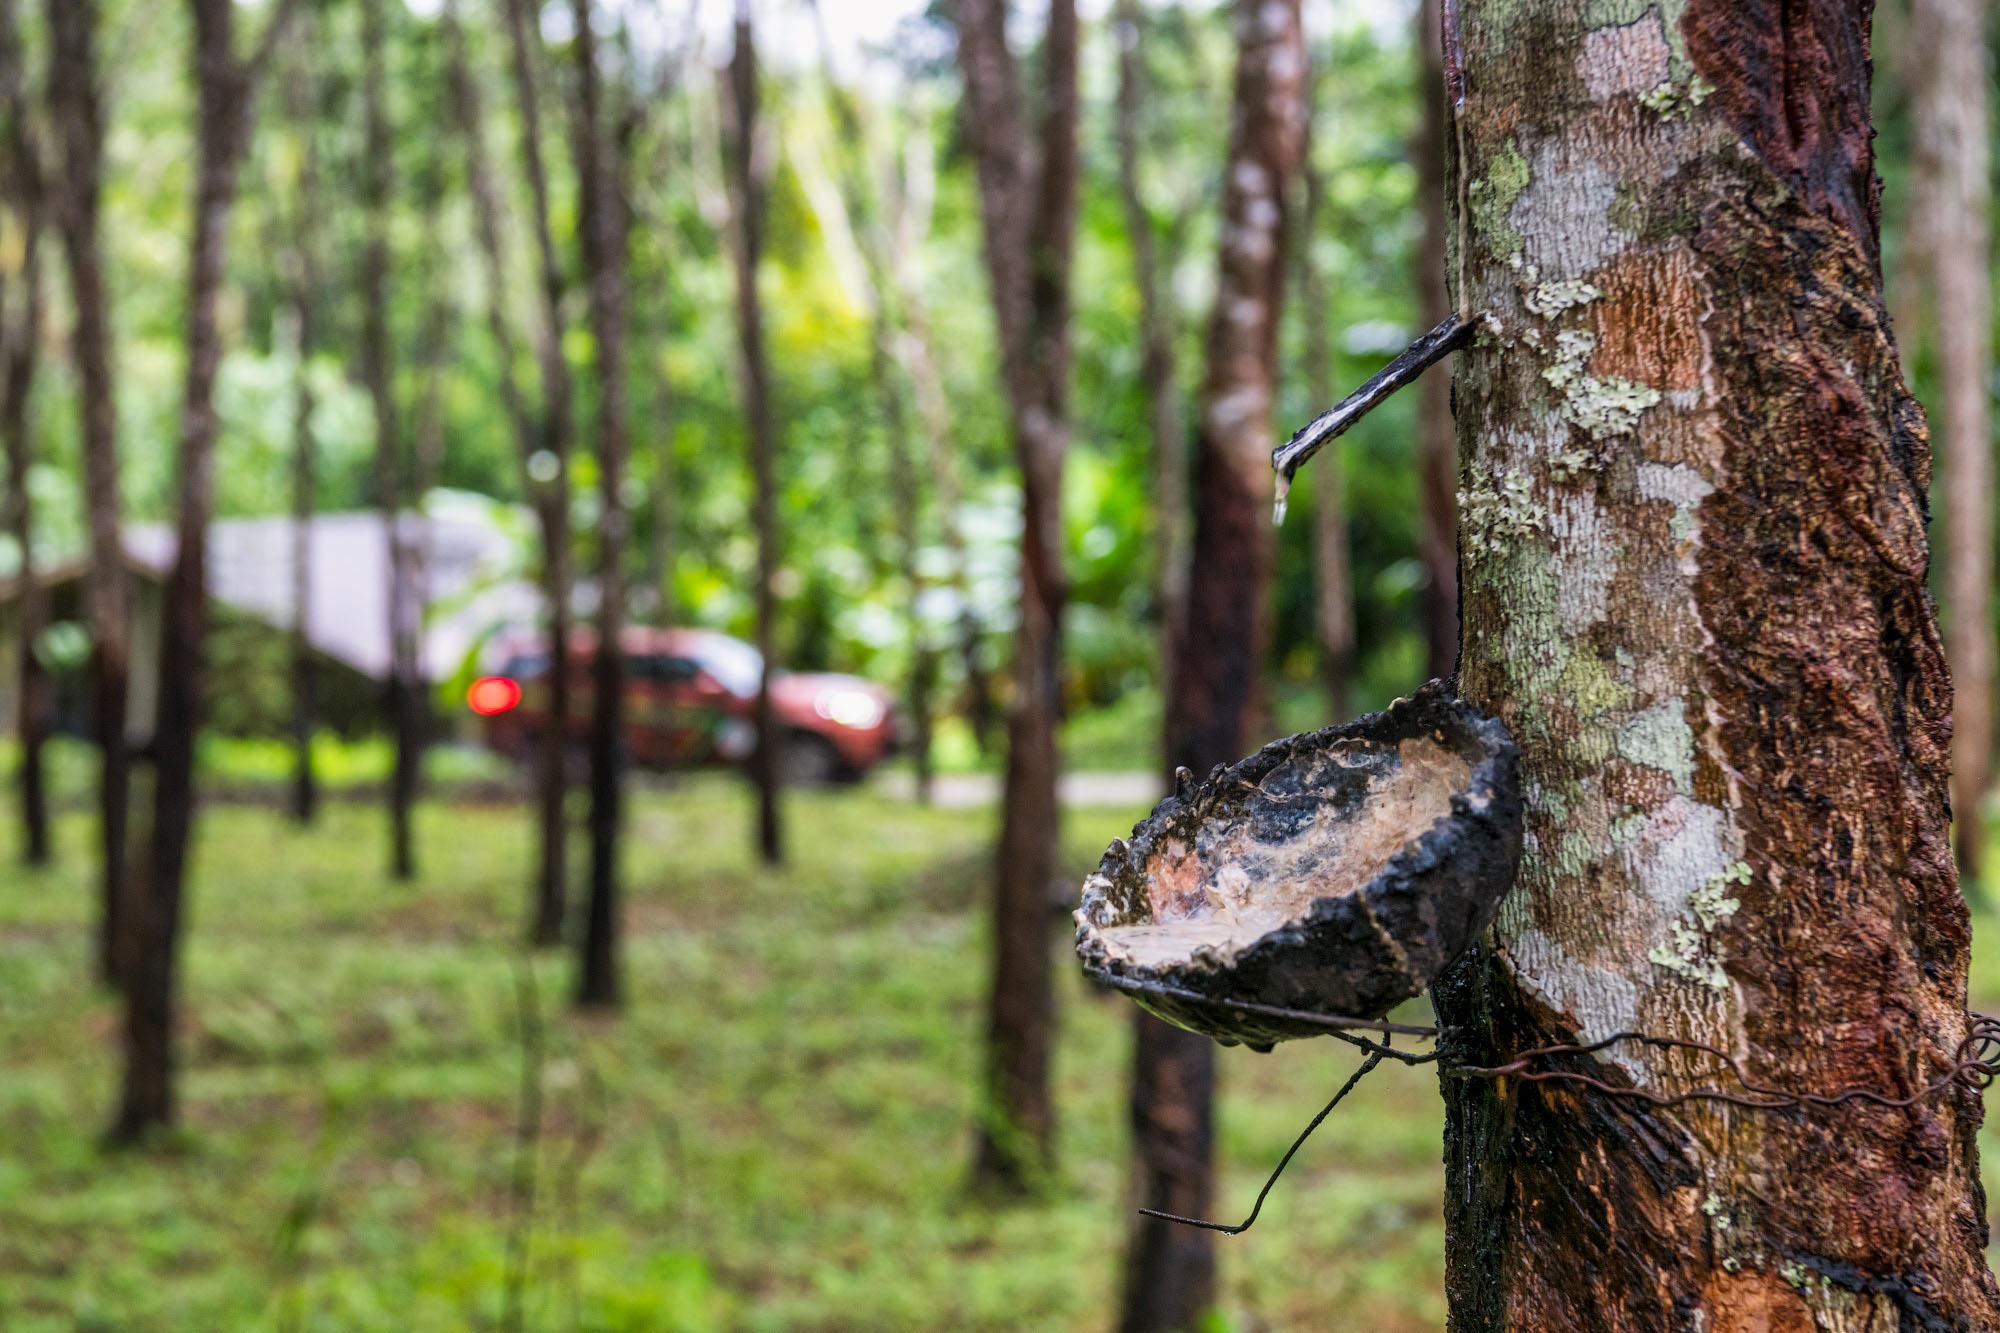 Каучуковый лес очень, Китае, маленькую, цвета, ощупь, резиновый, Хорошо, тянется, приятно, пахнет, Запах, сладковатоприторный, вначале, взяли, катышку, каучук, каучука, через, часов, выкинули